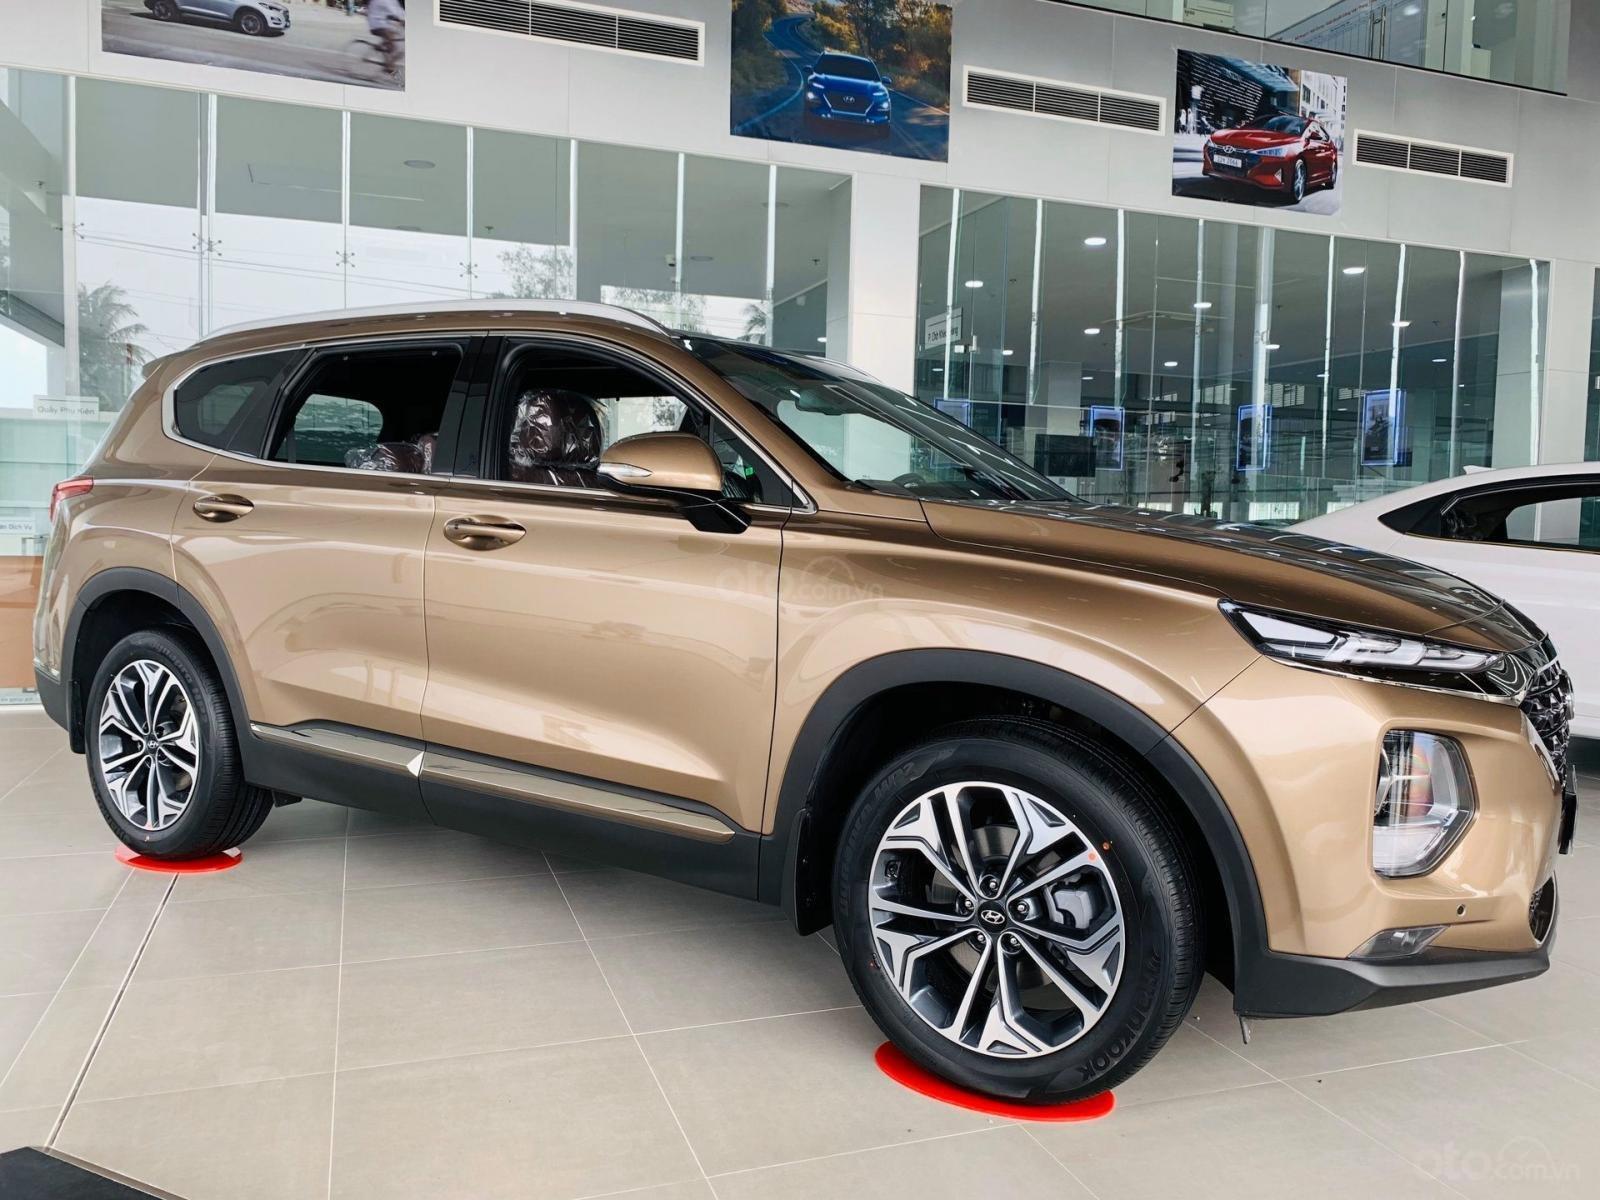 Hyundai Santafe ưu đãi ngay 70 triệu, 50% thuế, full bộ phụ kiện, xe đủ màu giao ngay chạy Tết (1)